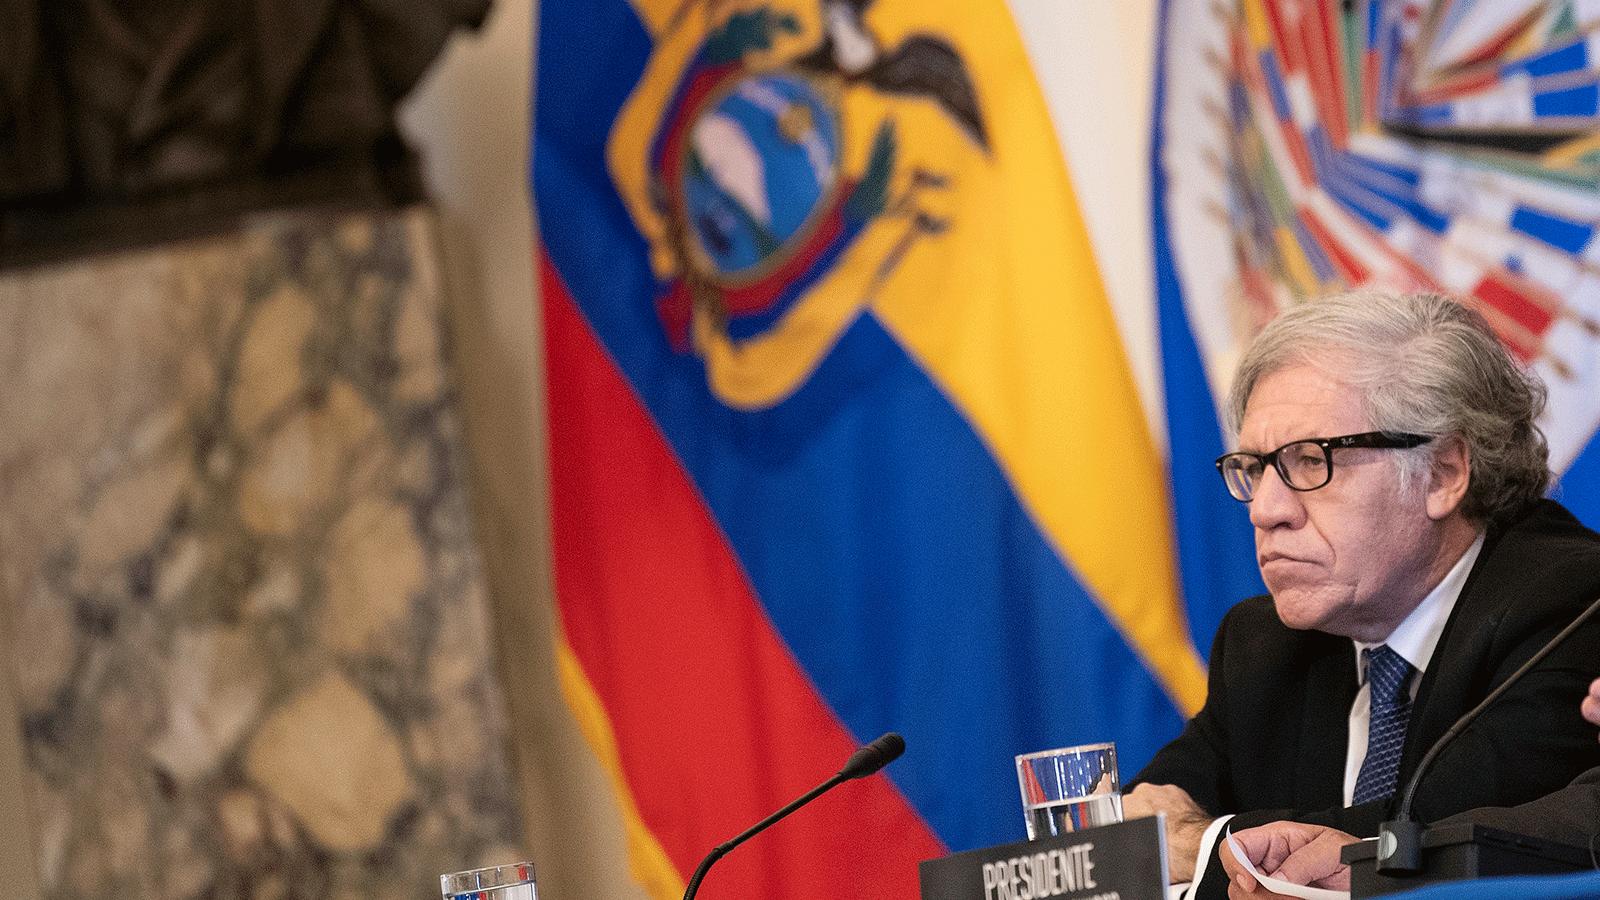 Luis Almagro pide más sanciones y un eventual uso de la fuerza en Venezuela